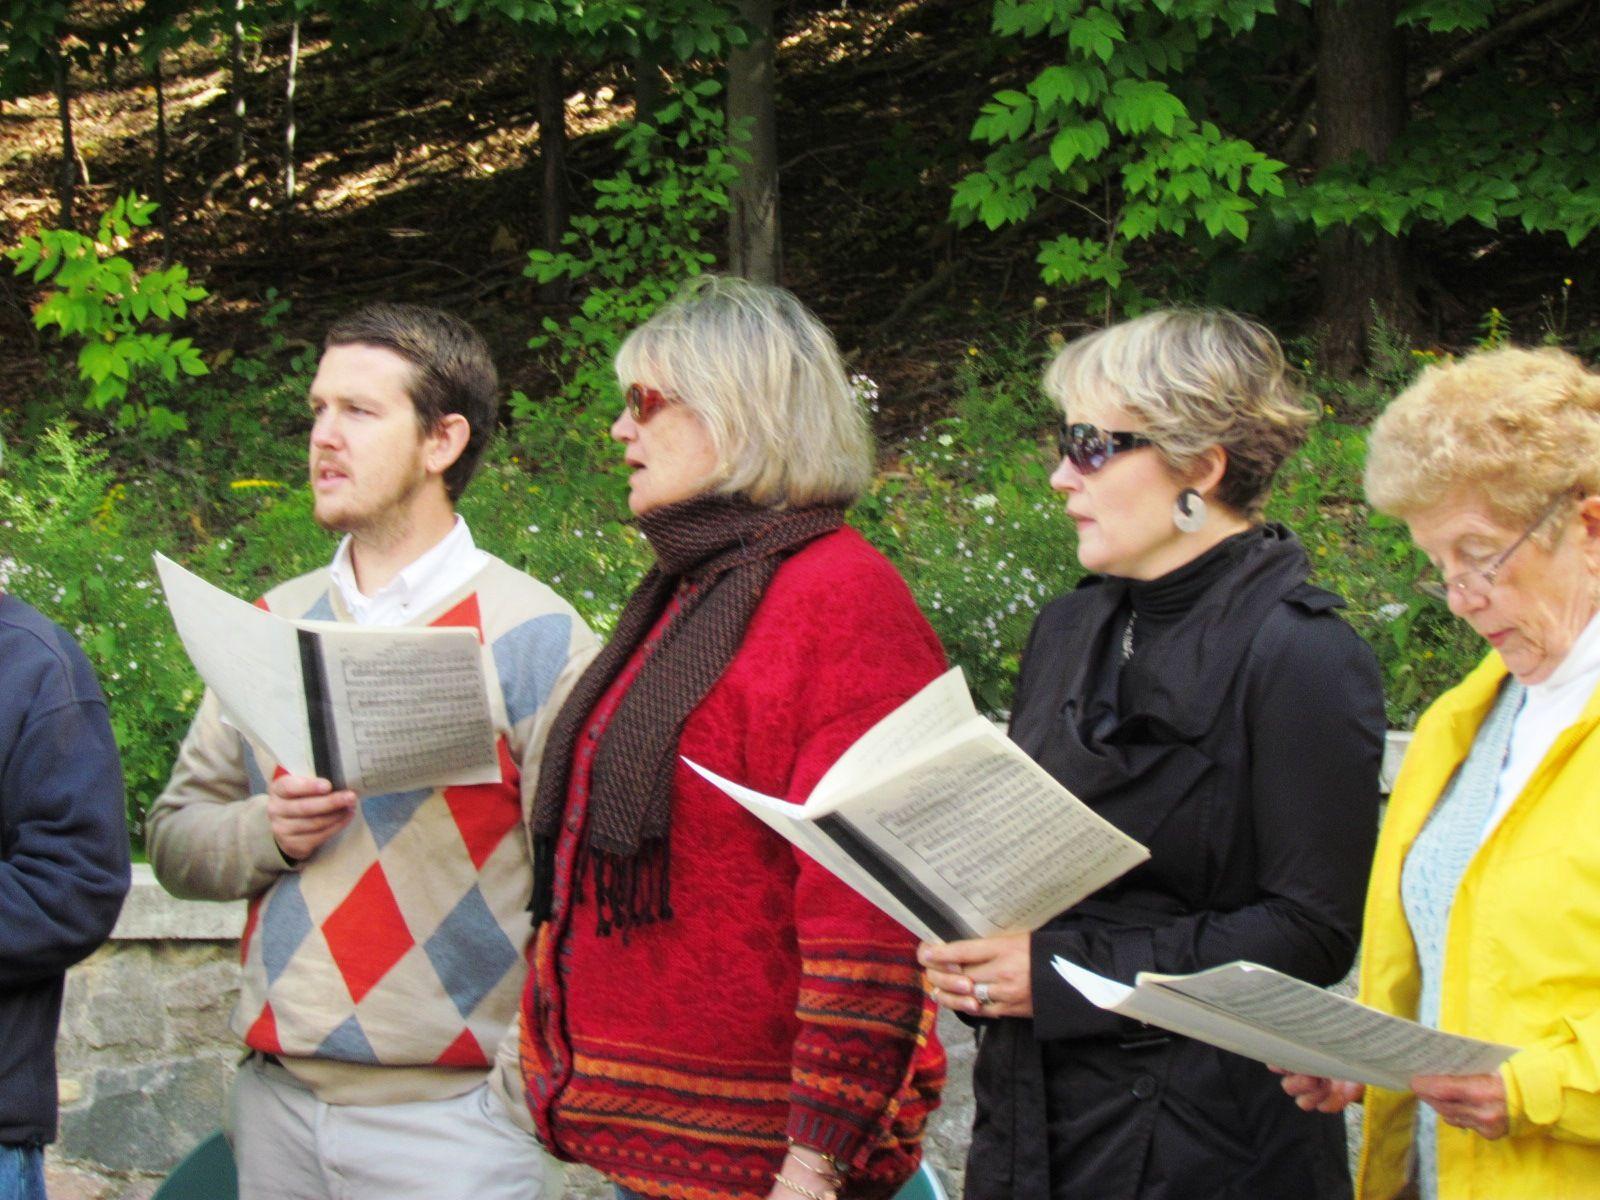 Outdoor choir episcopal church book of common prayer